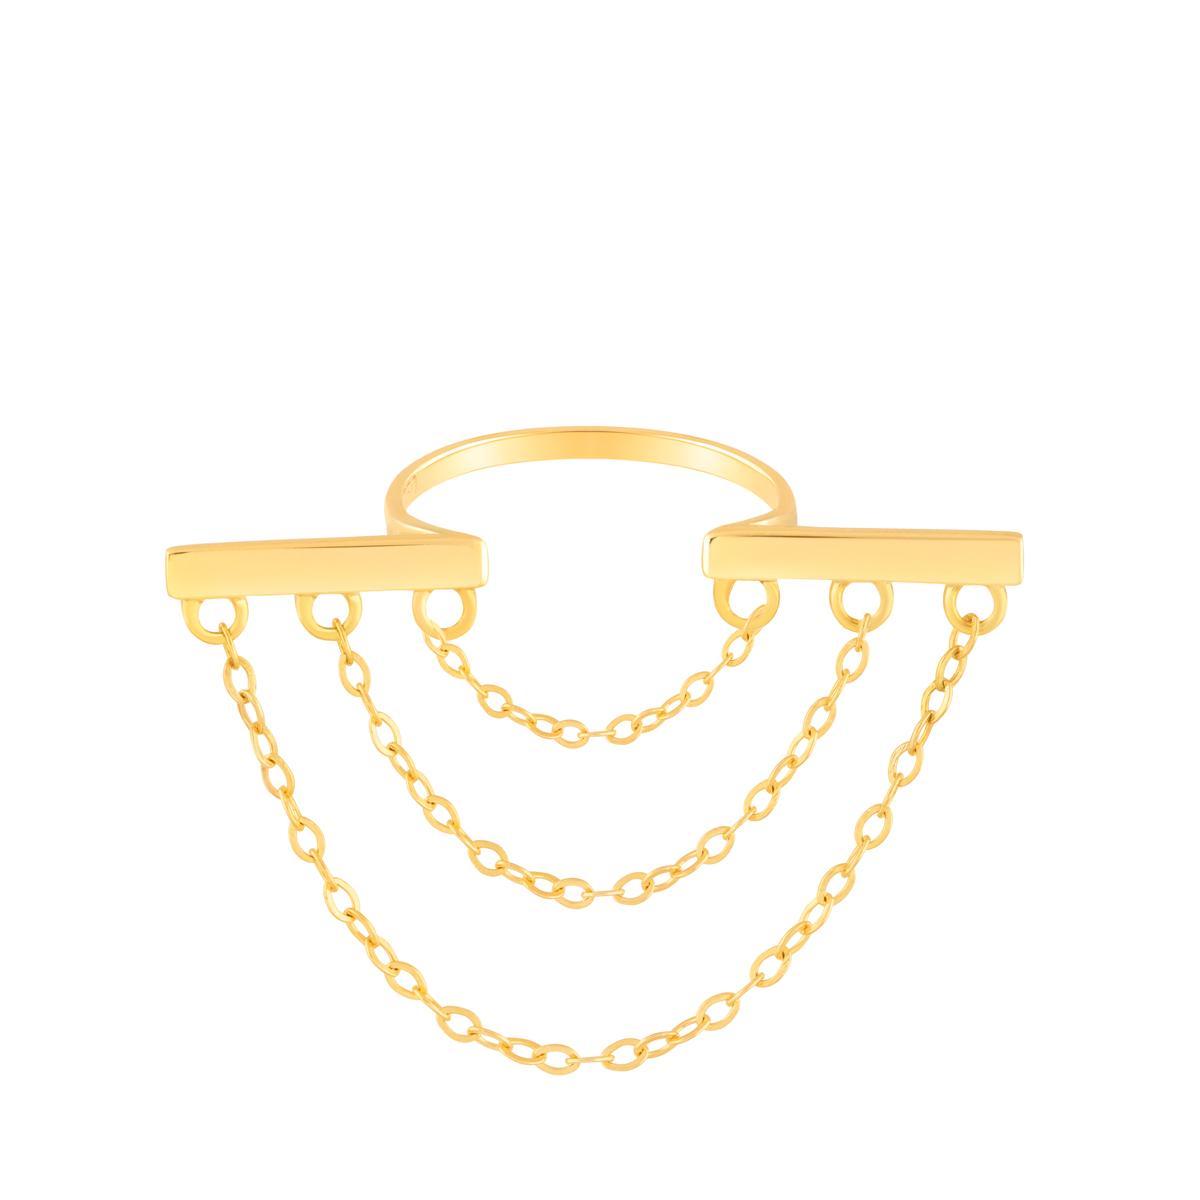 انگشتر طلا مستطیل و زنجیر